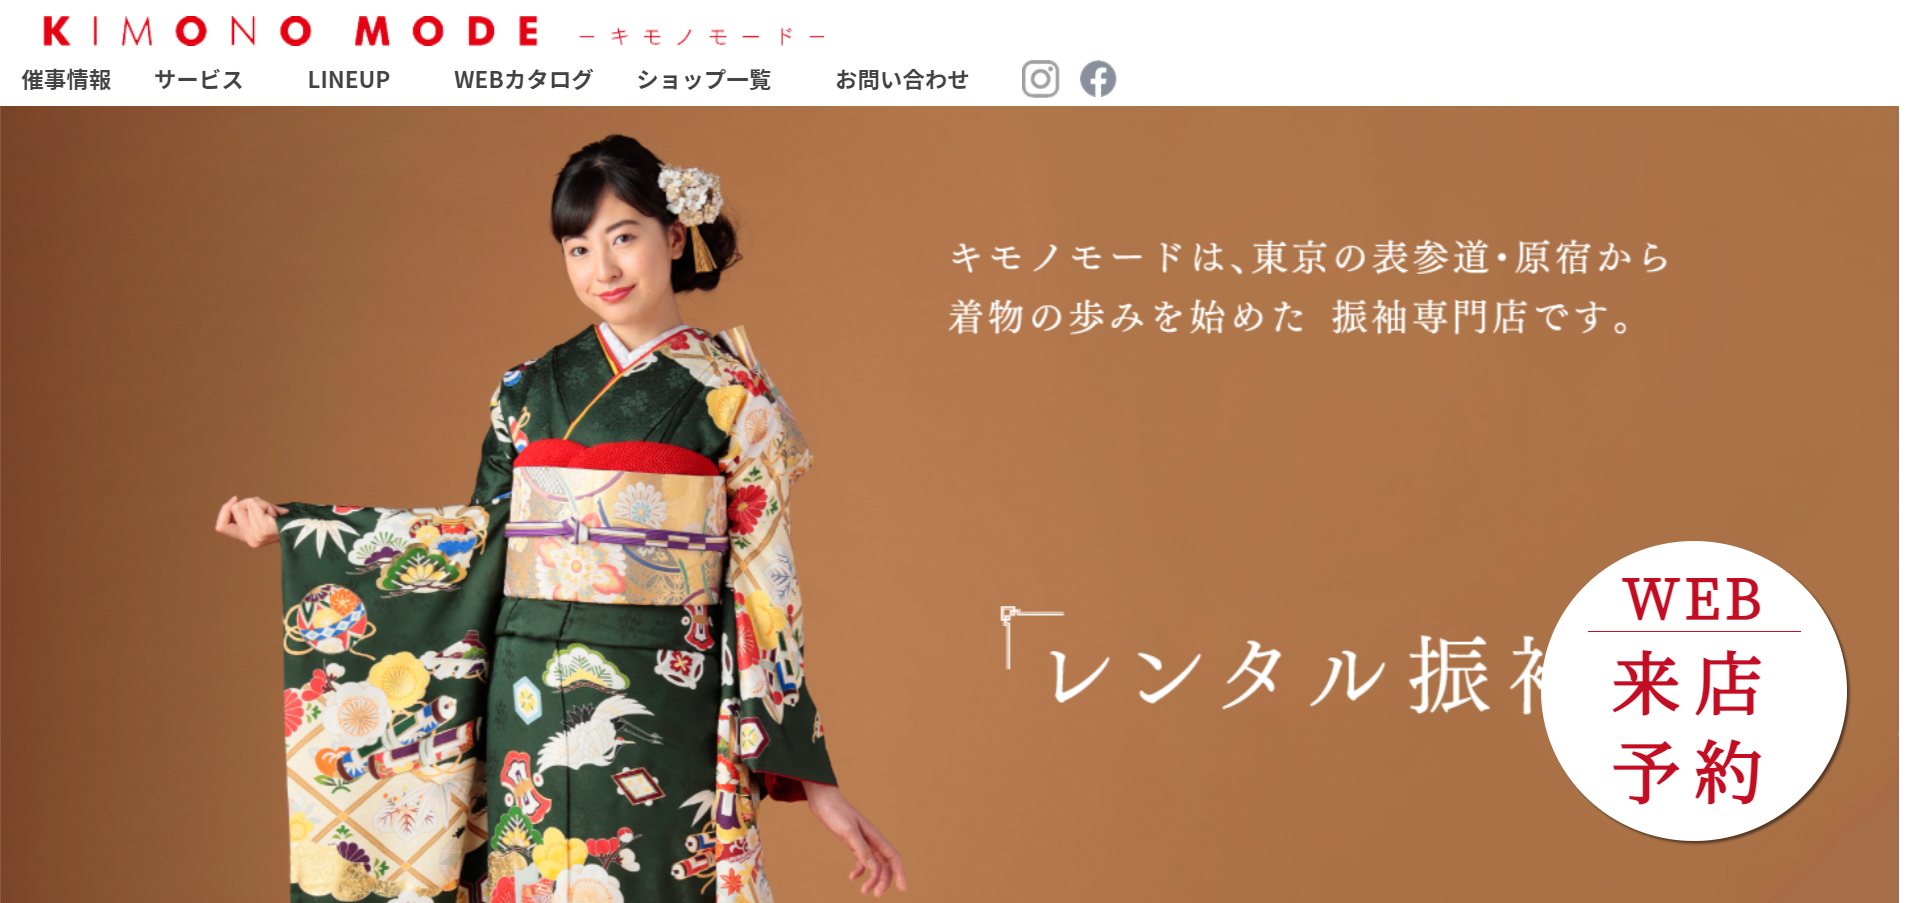 キモノモード 町田店 振袖館